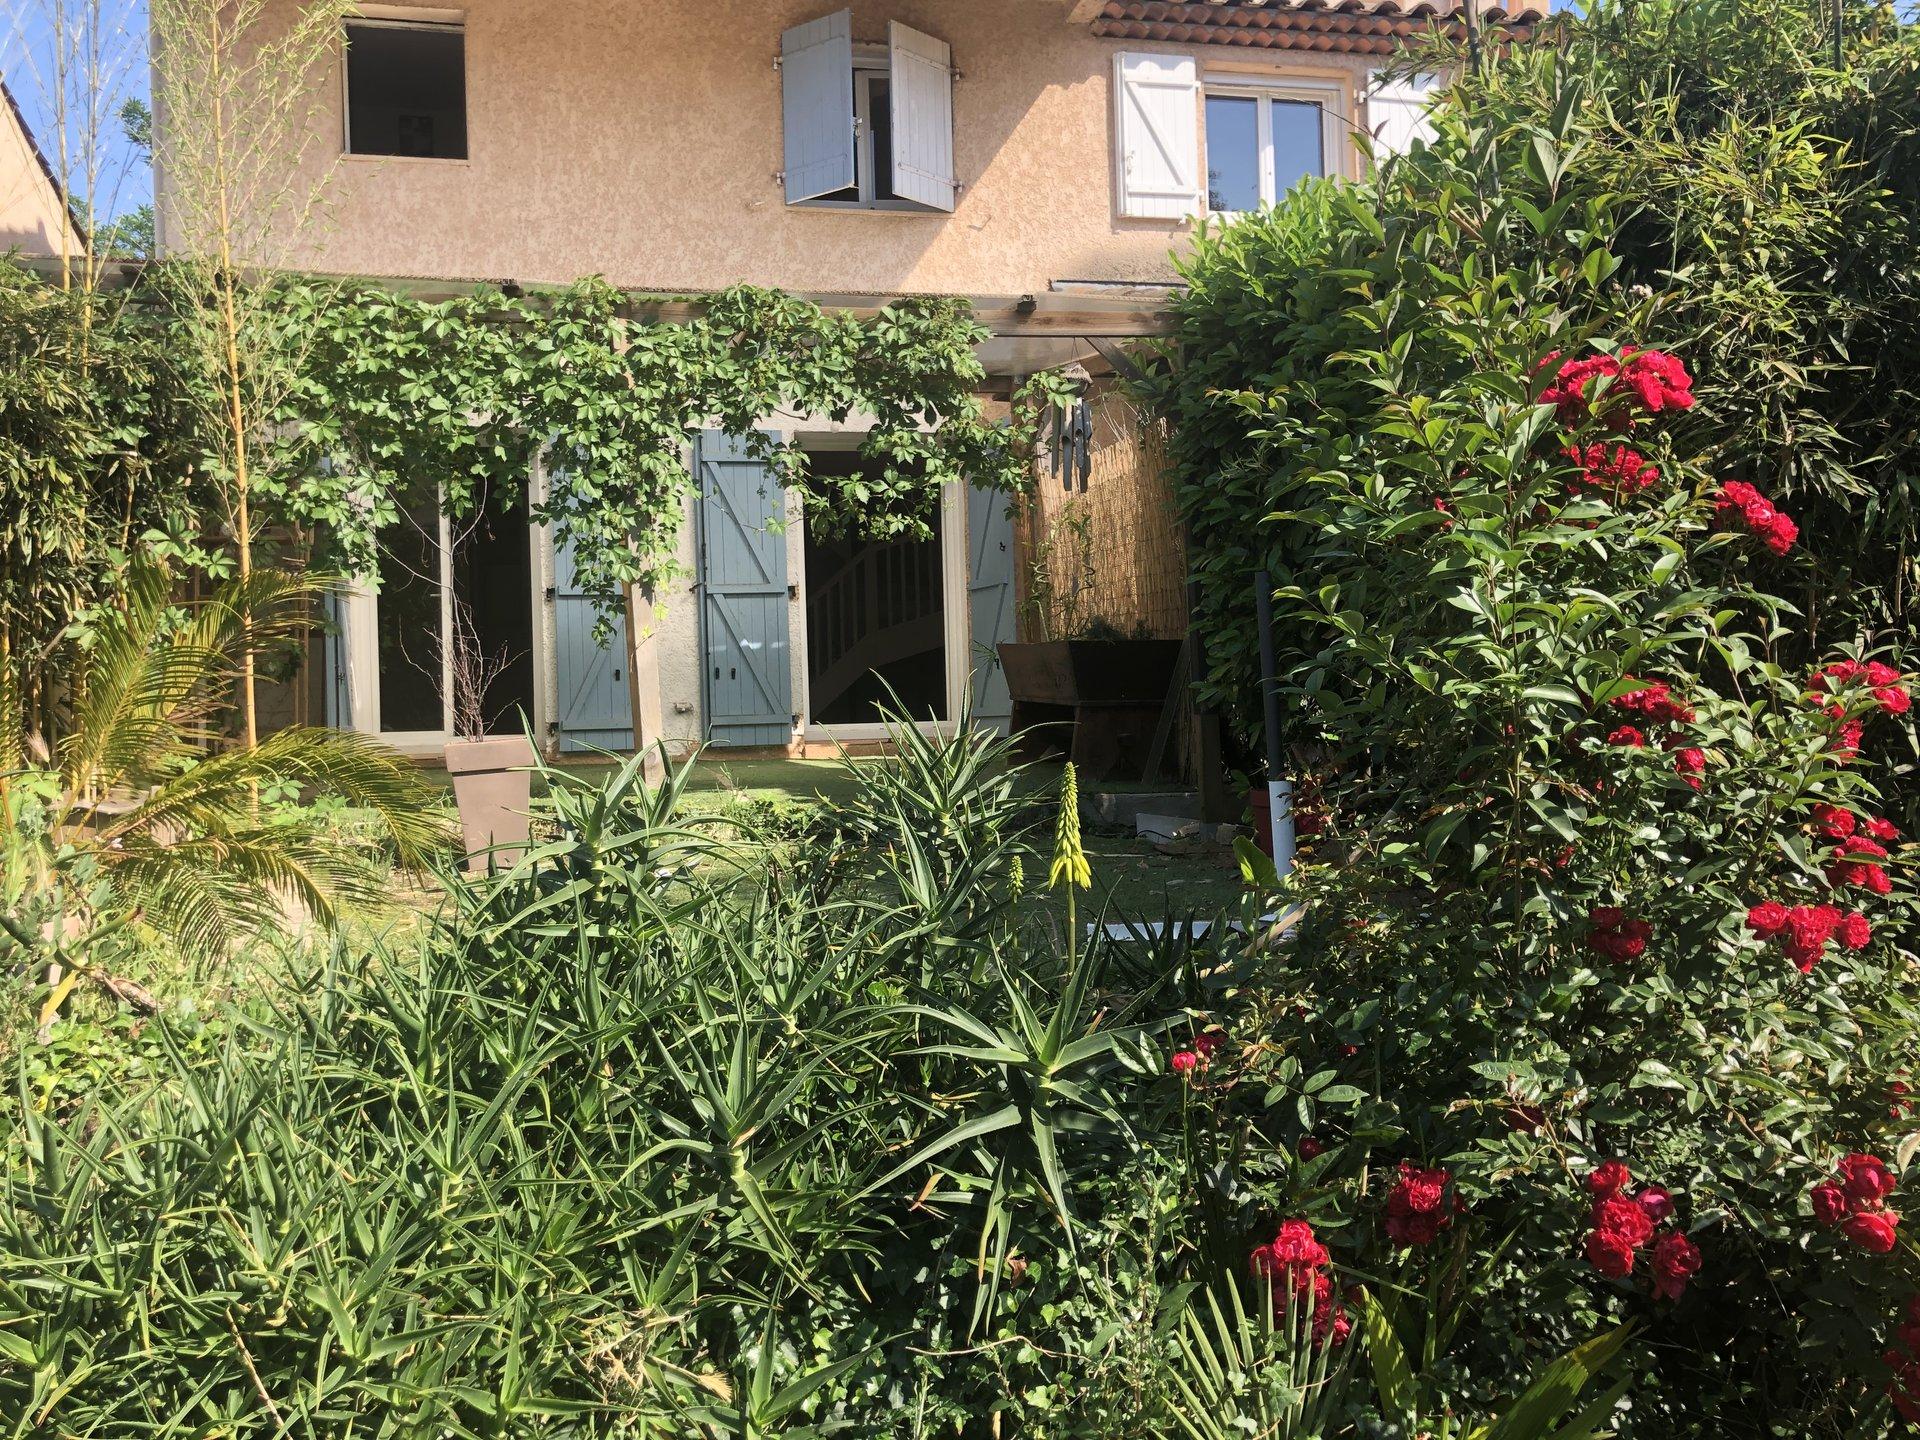 Vendita Casa - Sophia-Antipolis